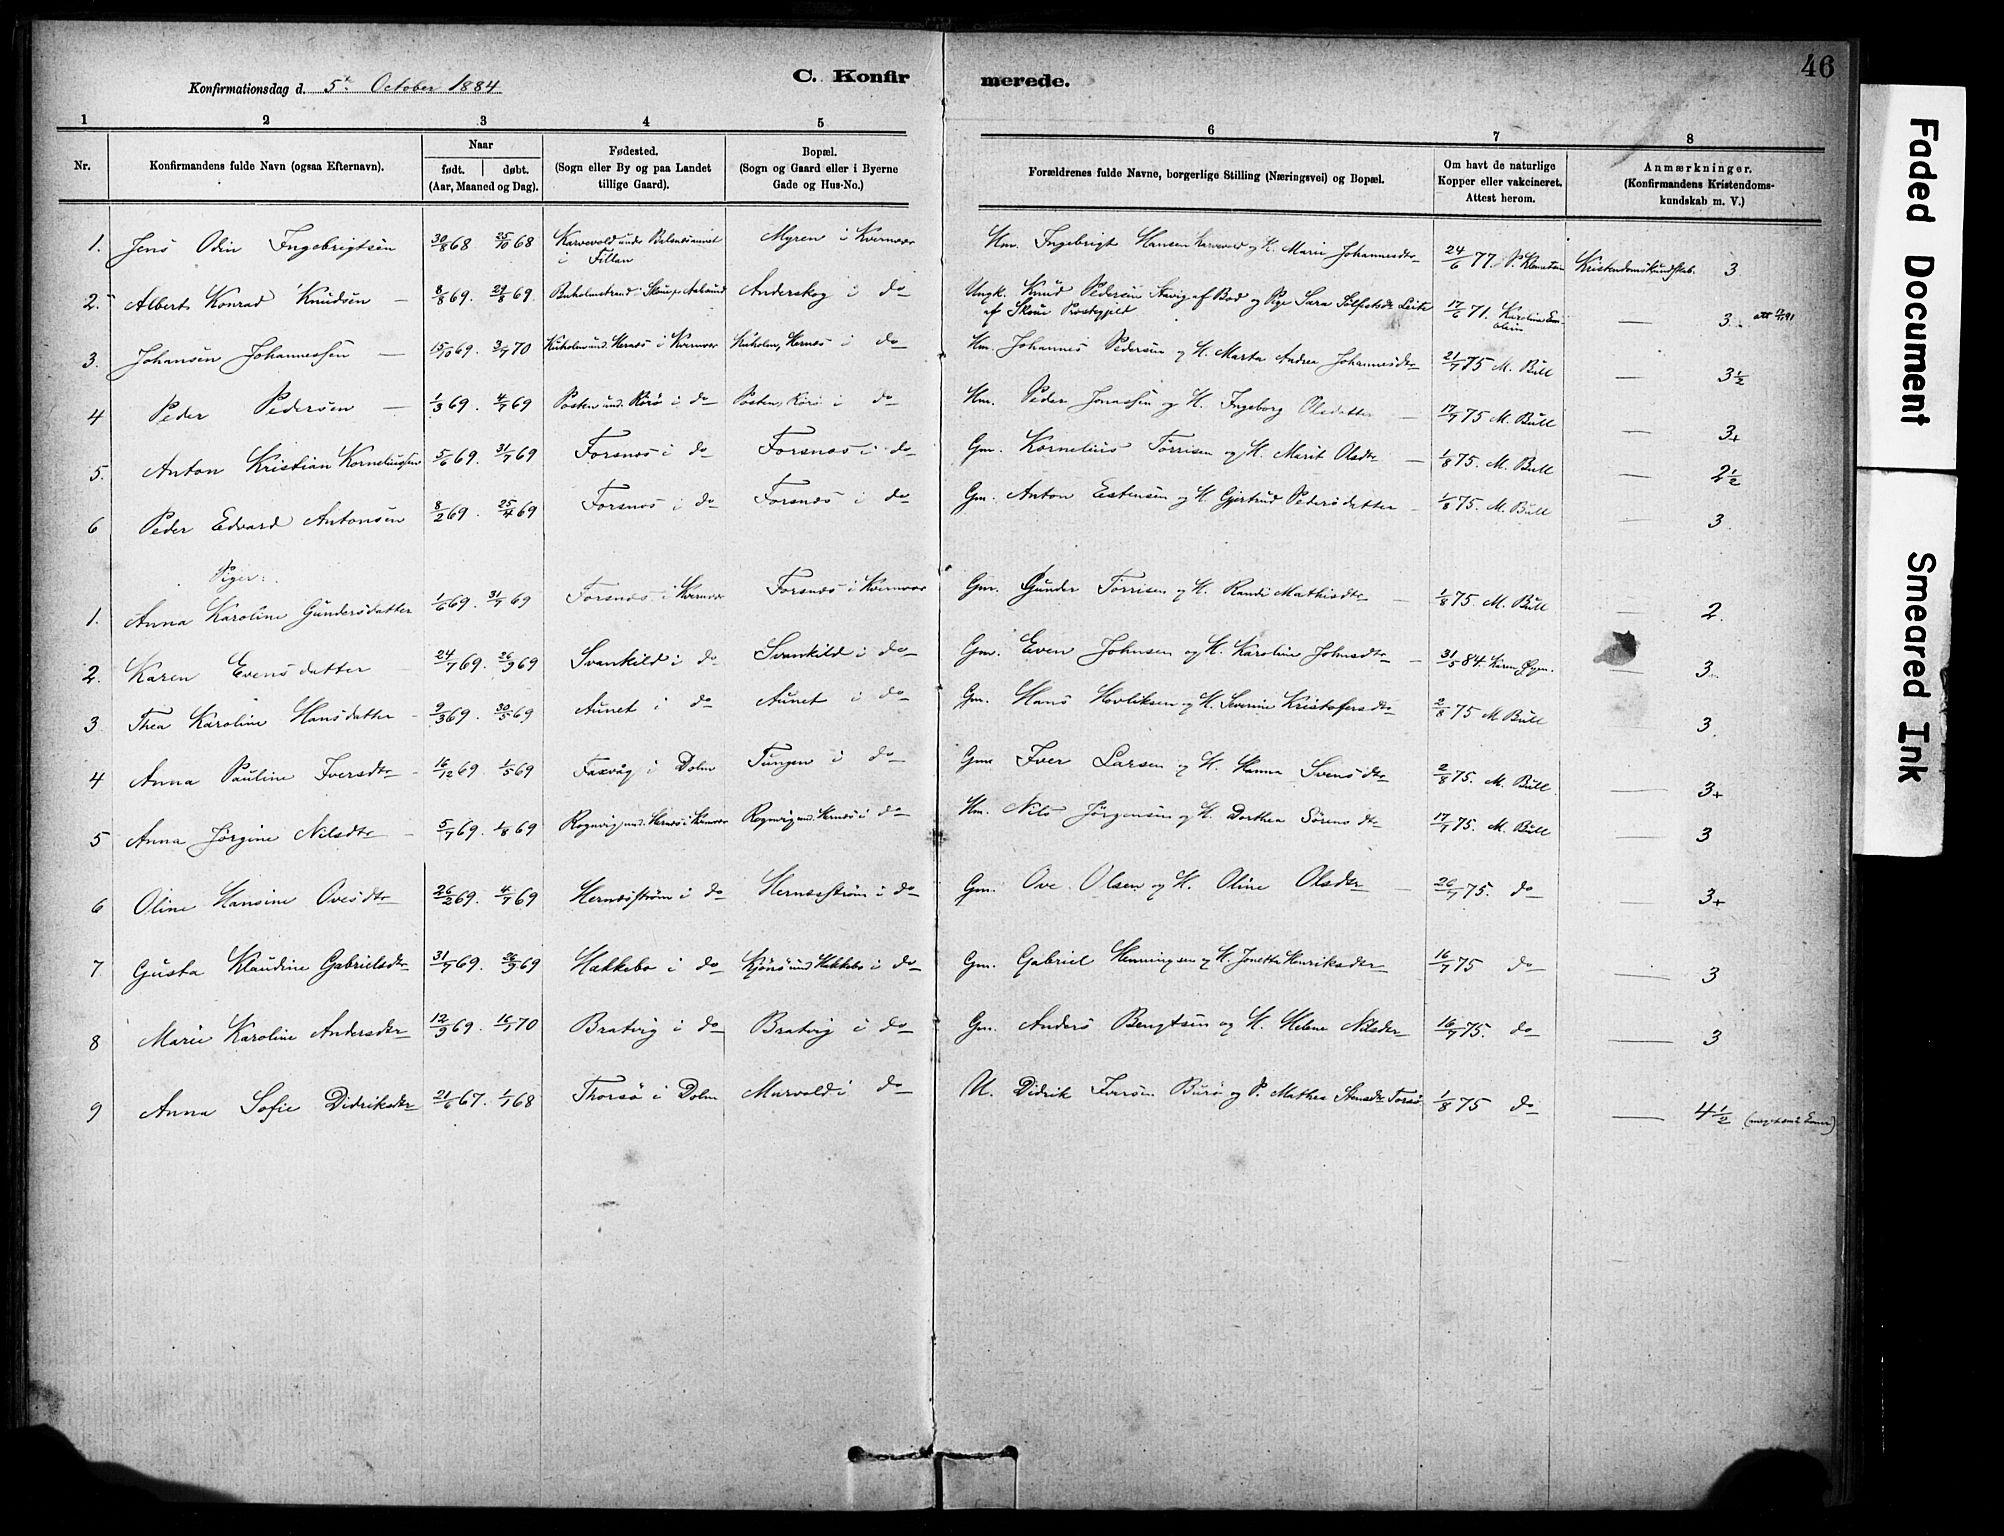 SAT, Ministerialprotokoller, klokkerbøker og fødselsregistre - Sør-Trøndelag, 635/L0551: Ministerialbok nr. 635A01, 1882-1899, s. 46